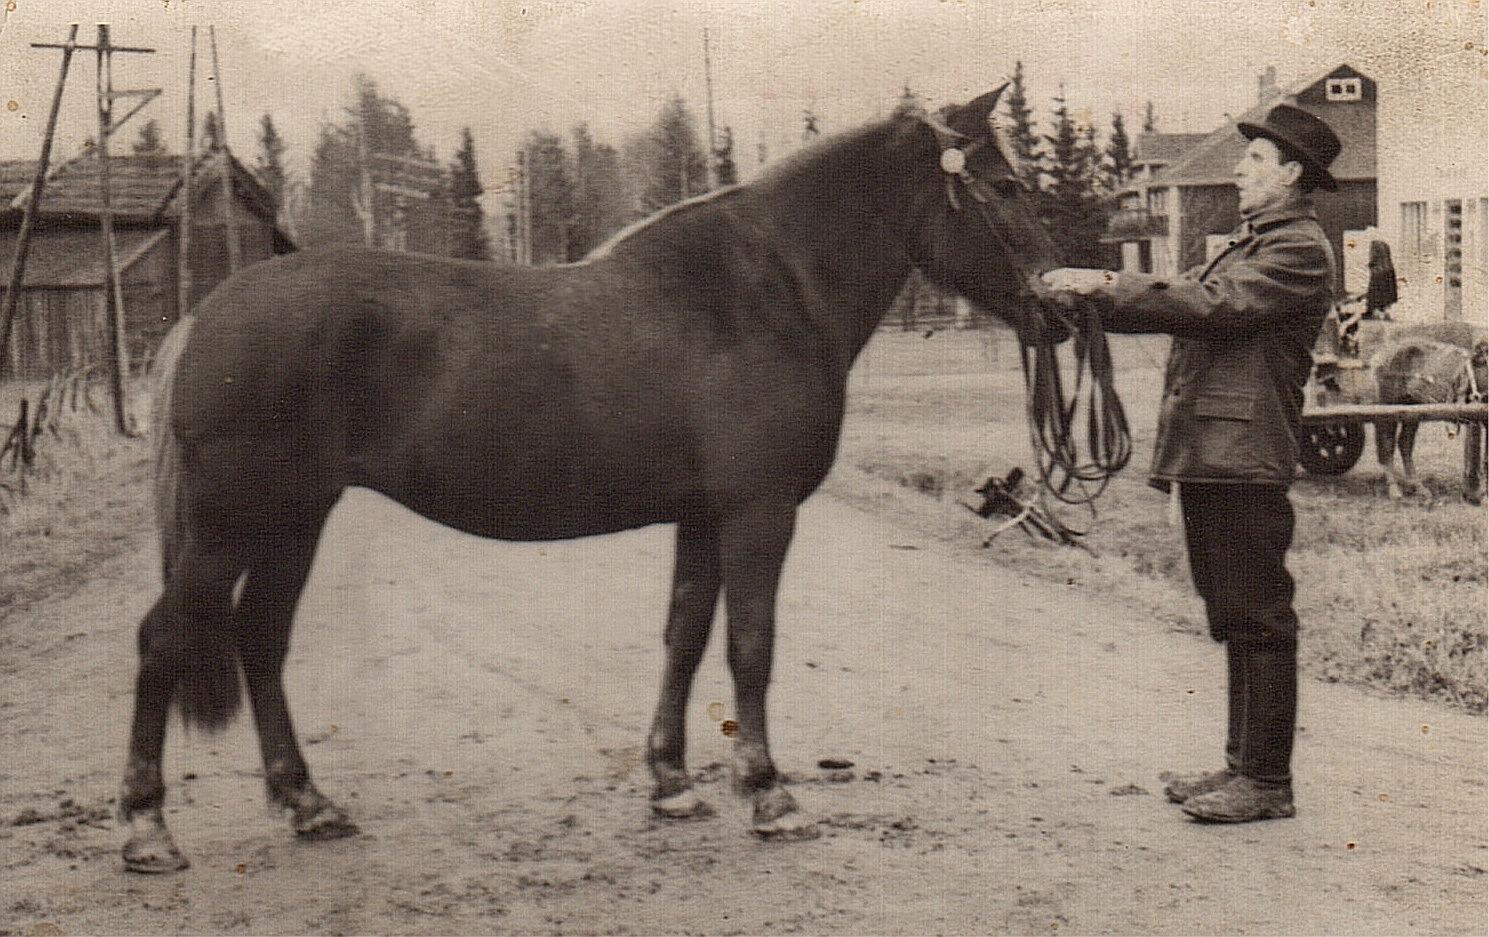 Josef Granlund visar upp sin häst i Bötom, där ungdomslokalen syns i bakgrunden.